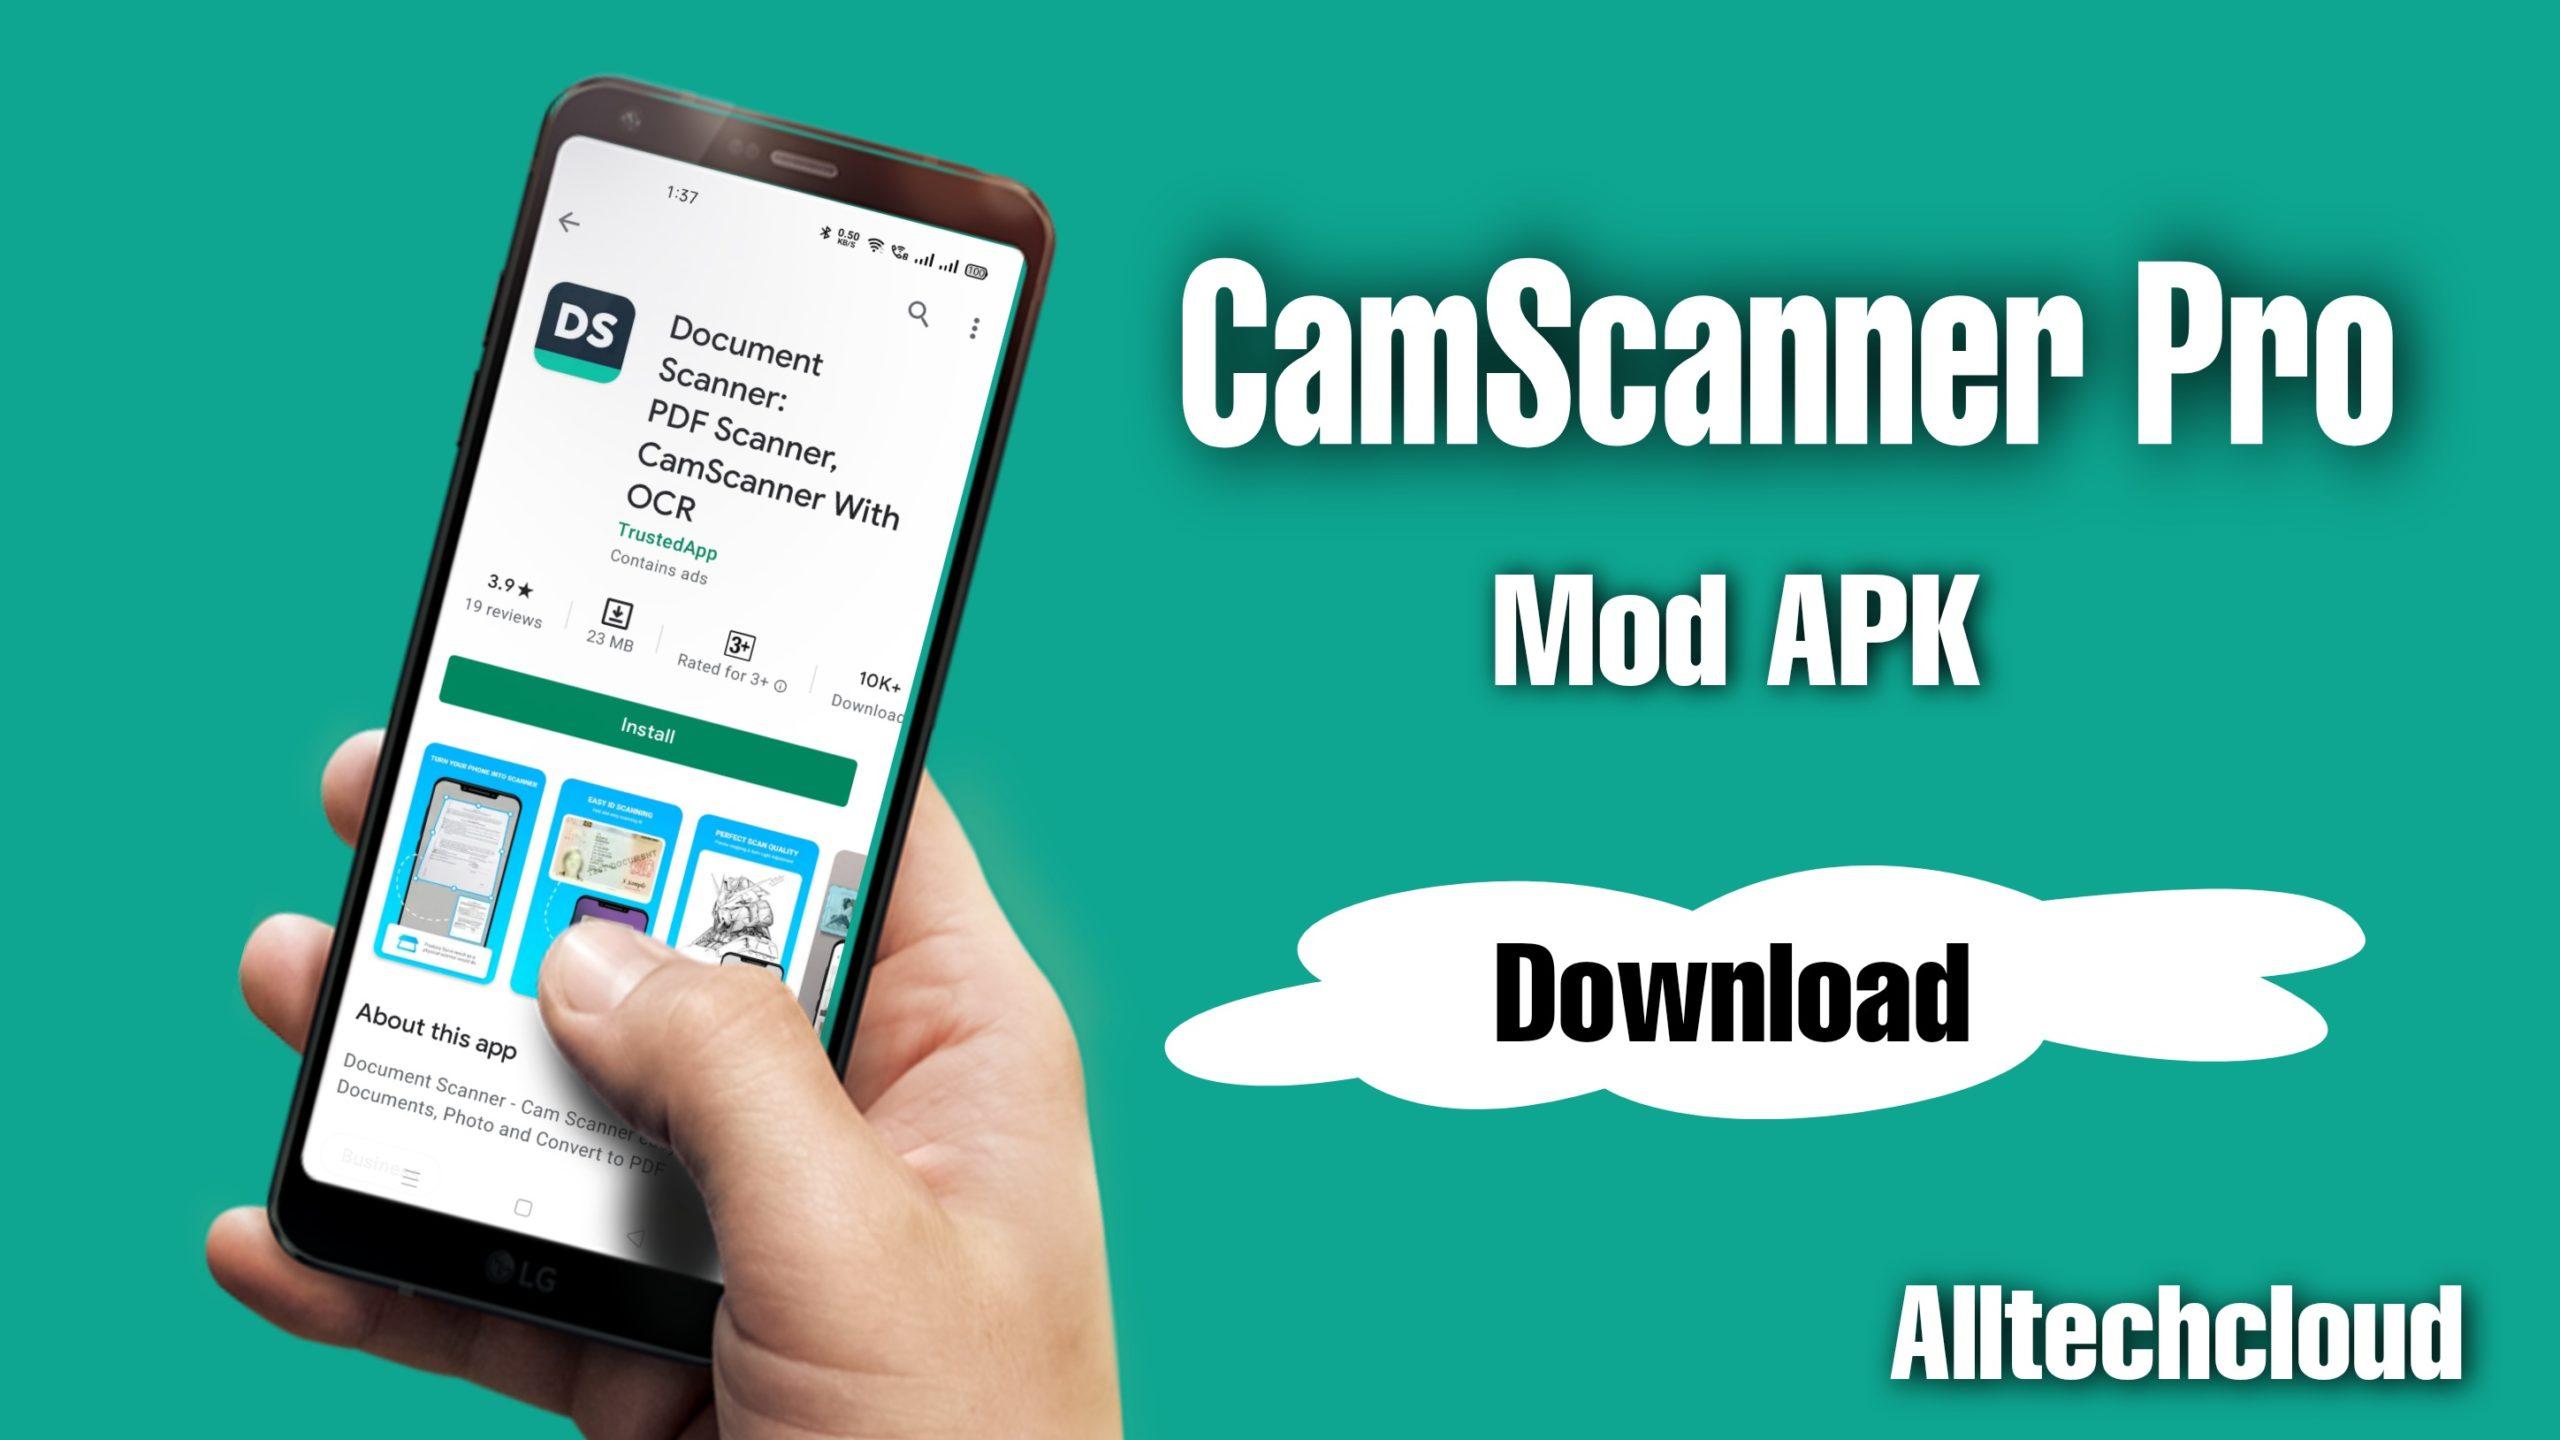 CamScanner Pro MOD APK v5.48.0 Download (Premium Unlocked)